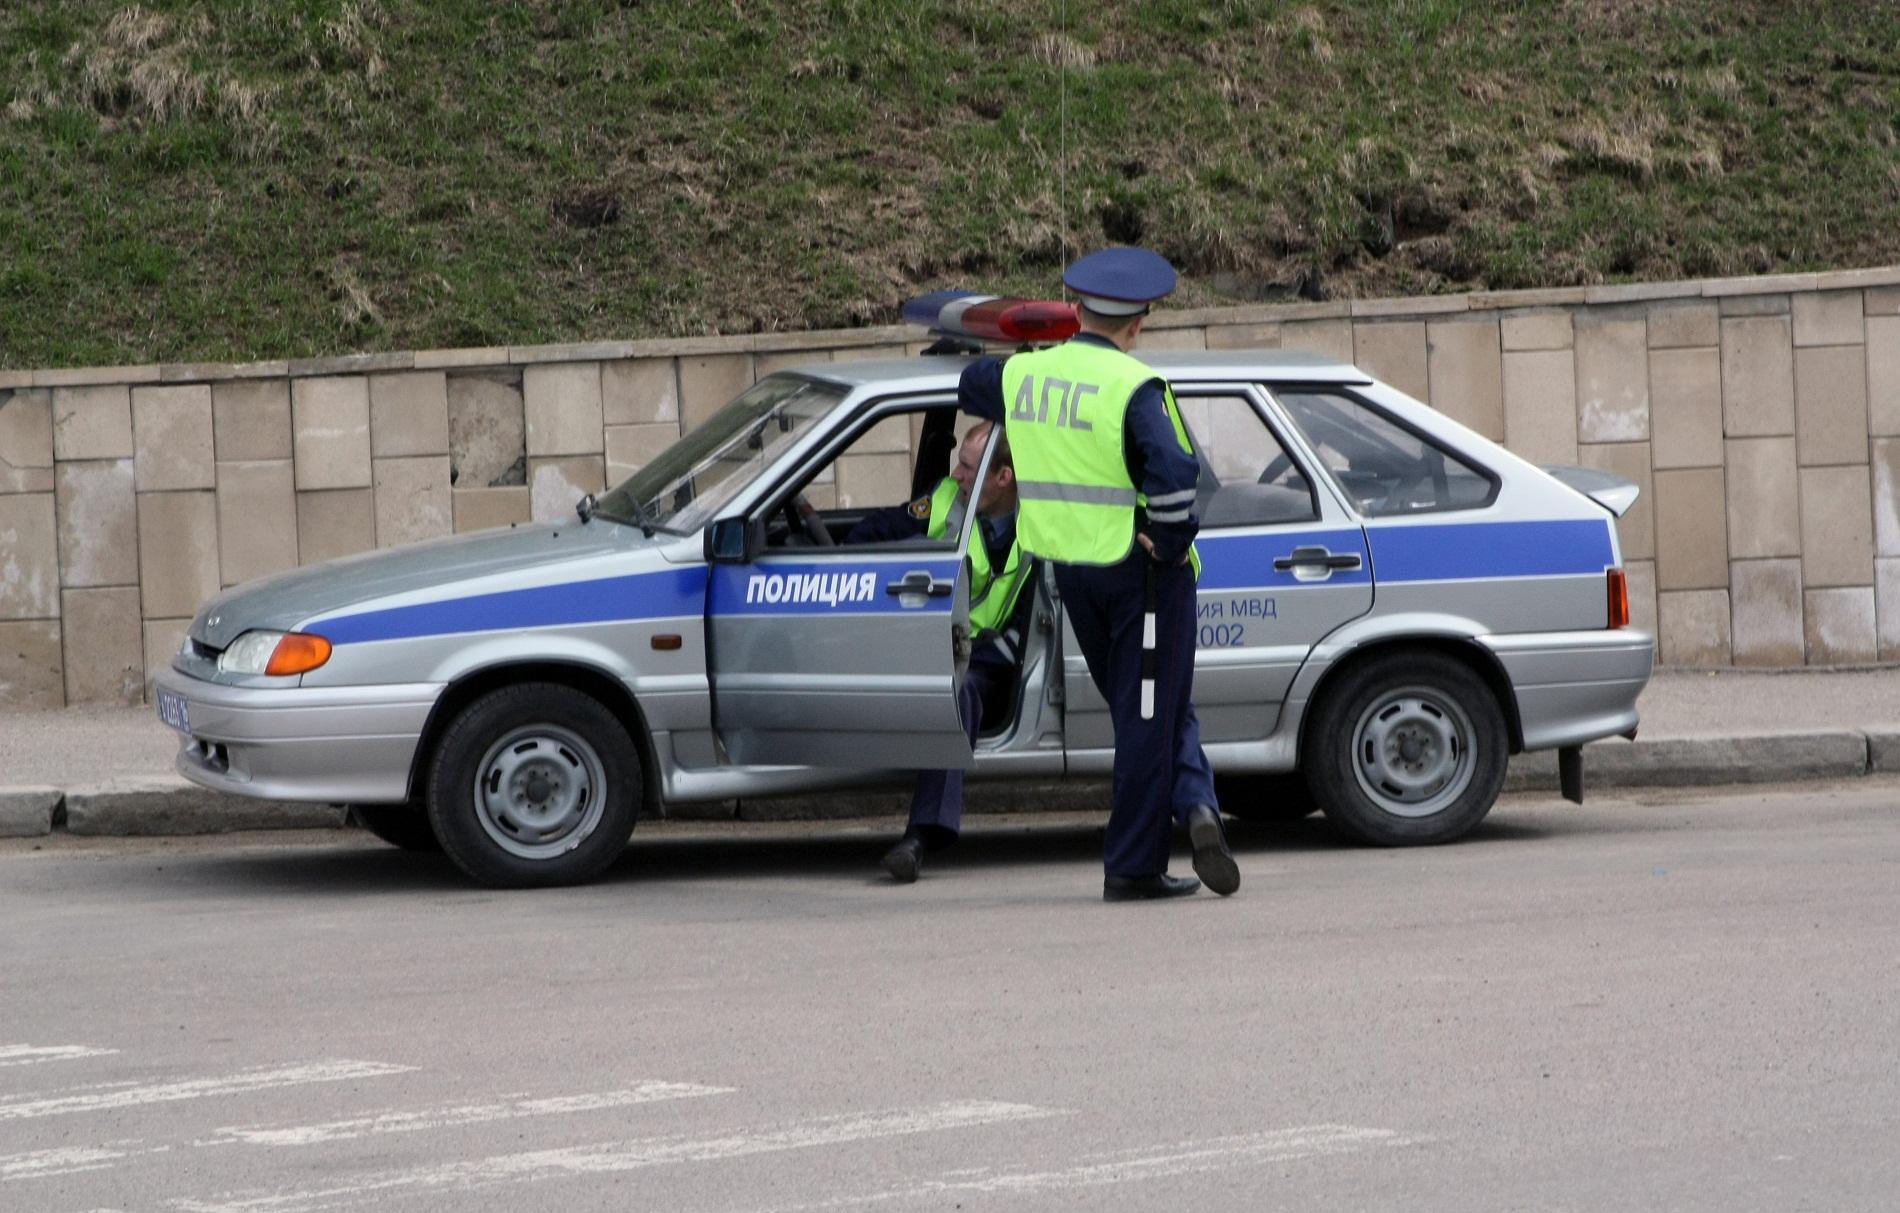 Два инспектора ДПС из Сухого Лога уволены за взятку и служебный подлог